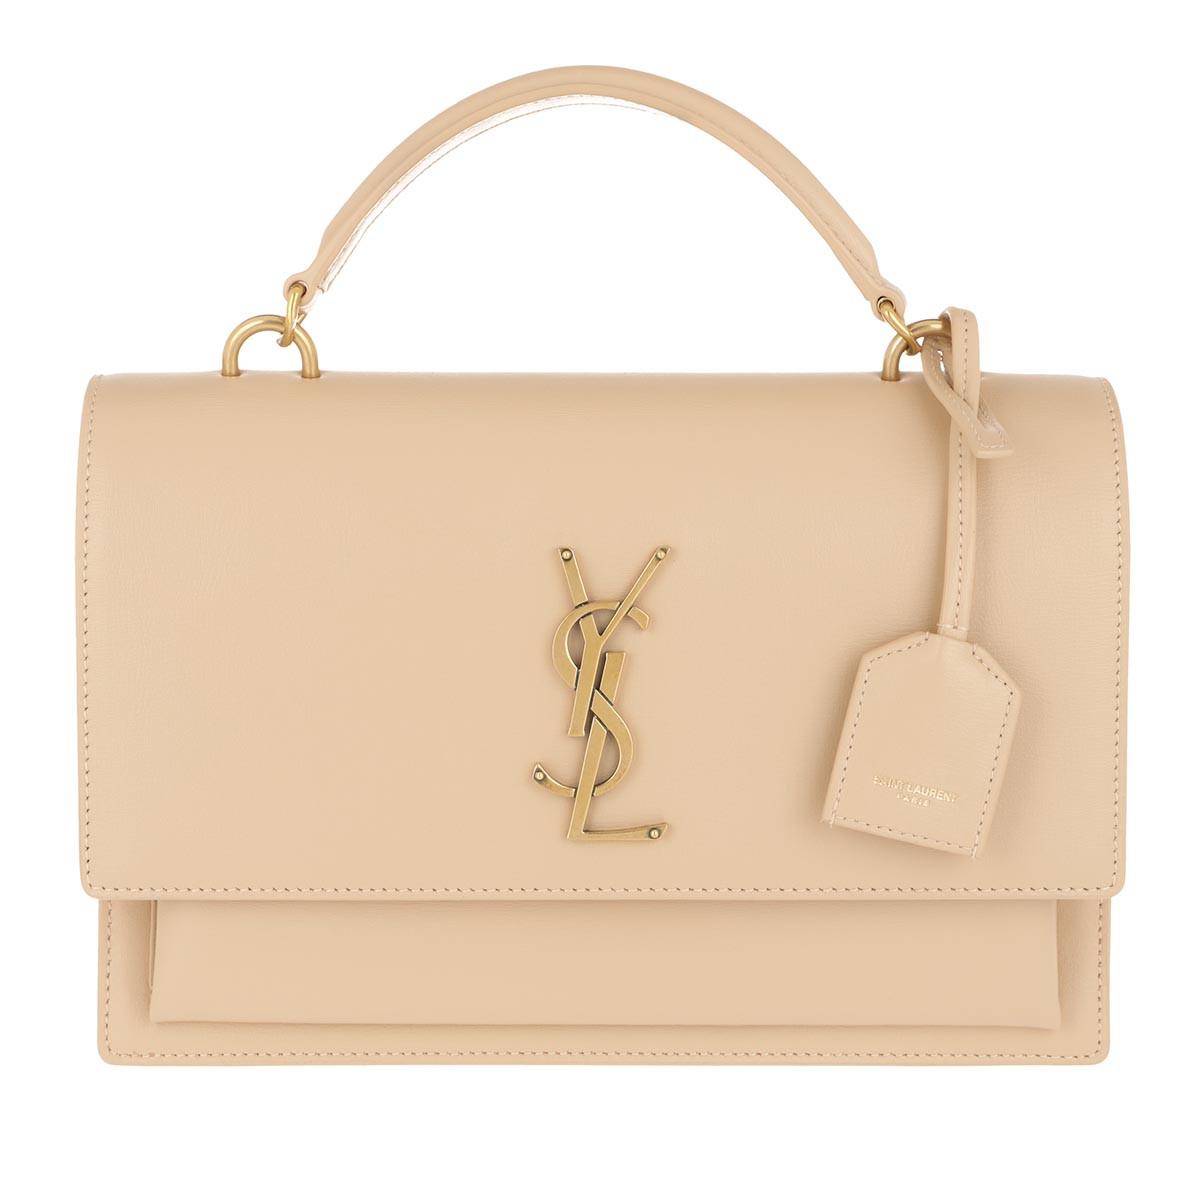 Umhängetasche Sunset Shoulder Bag Leather Beige beige